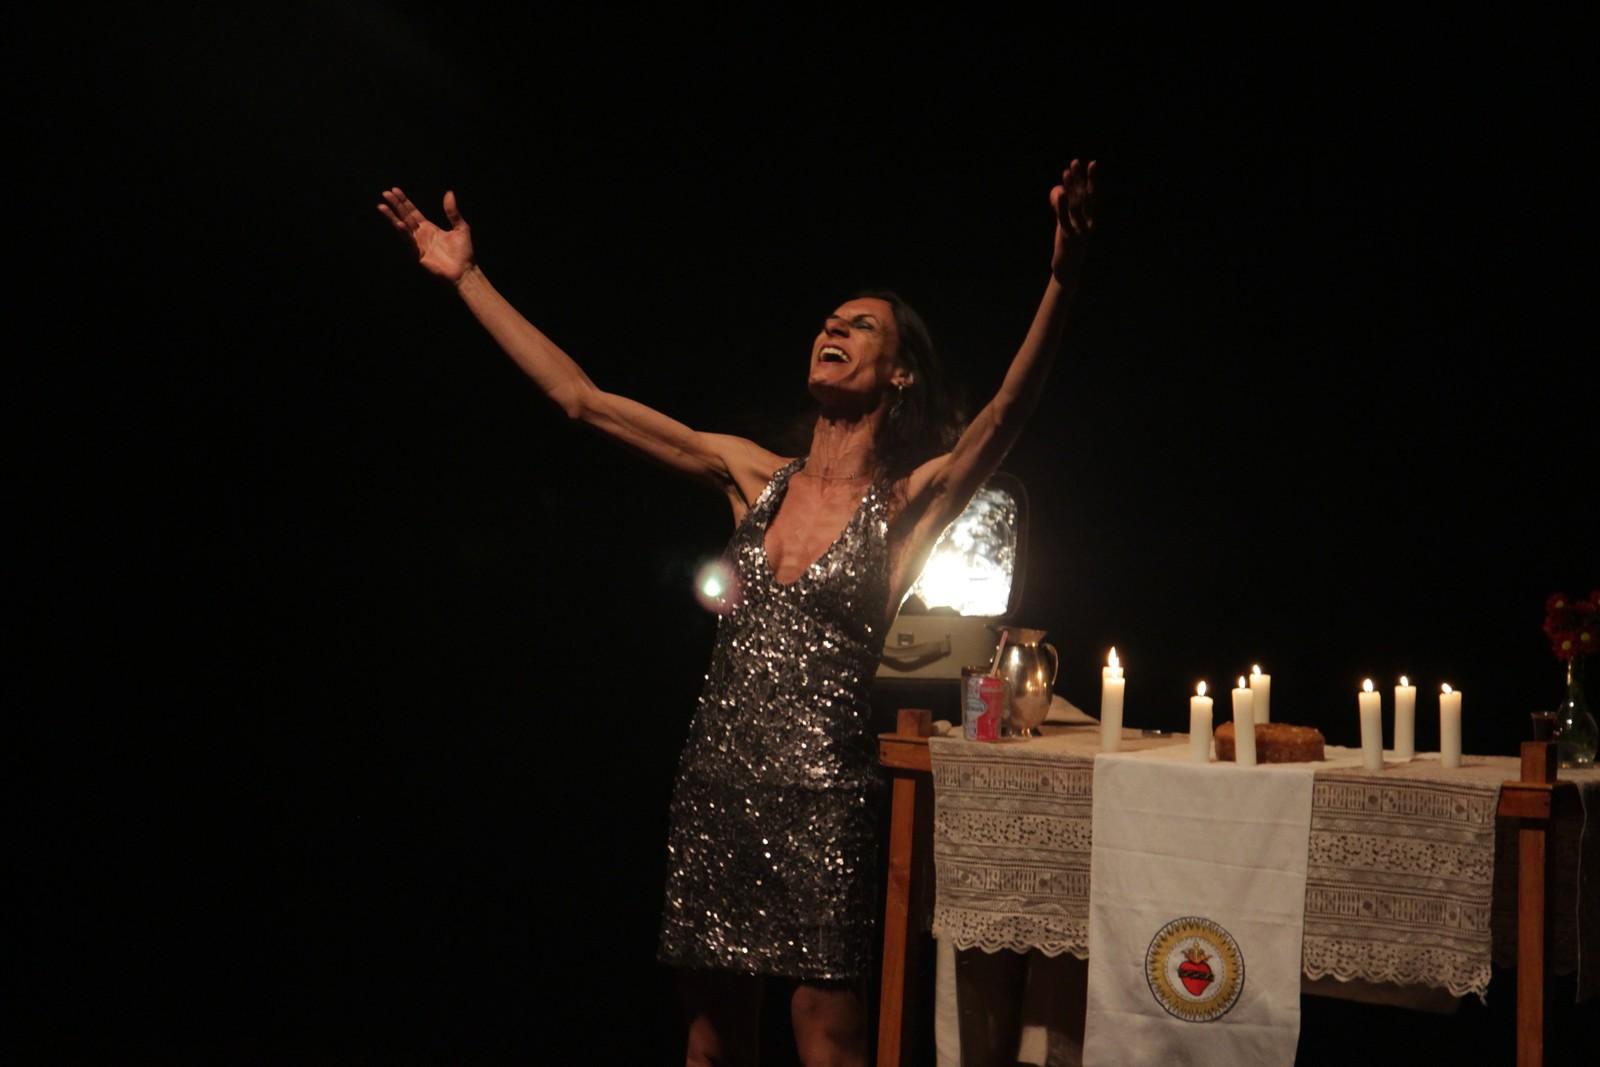 Após ser censurada em Jundiaí, peça com Jesus trans é ovacionada em Rio Preto